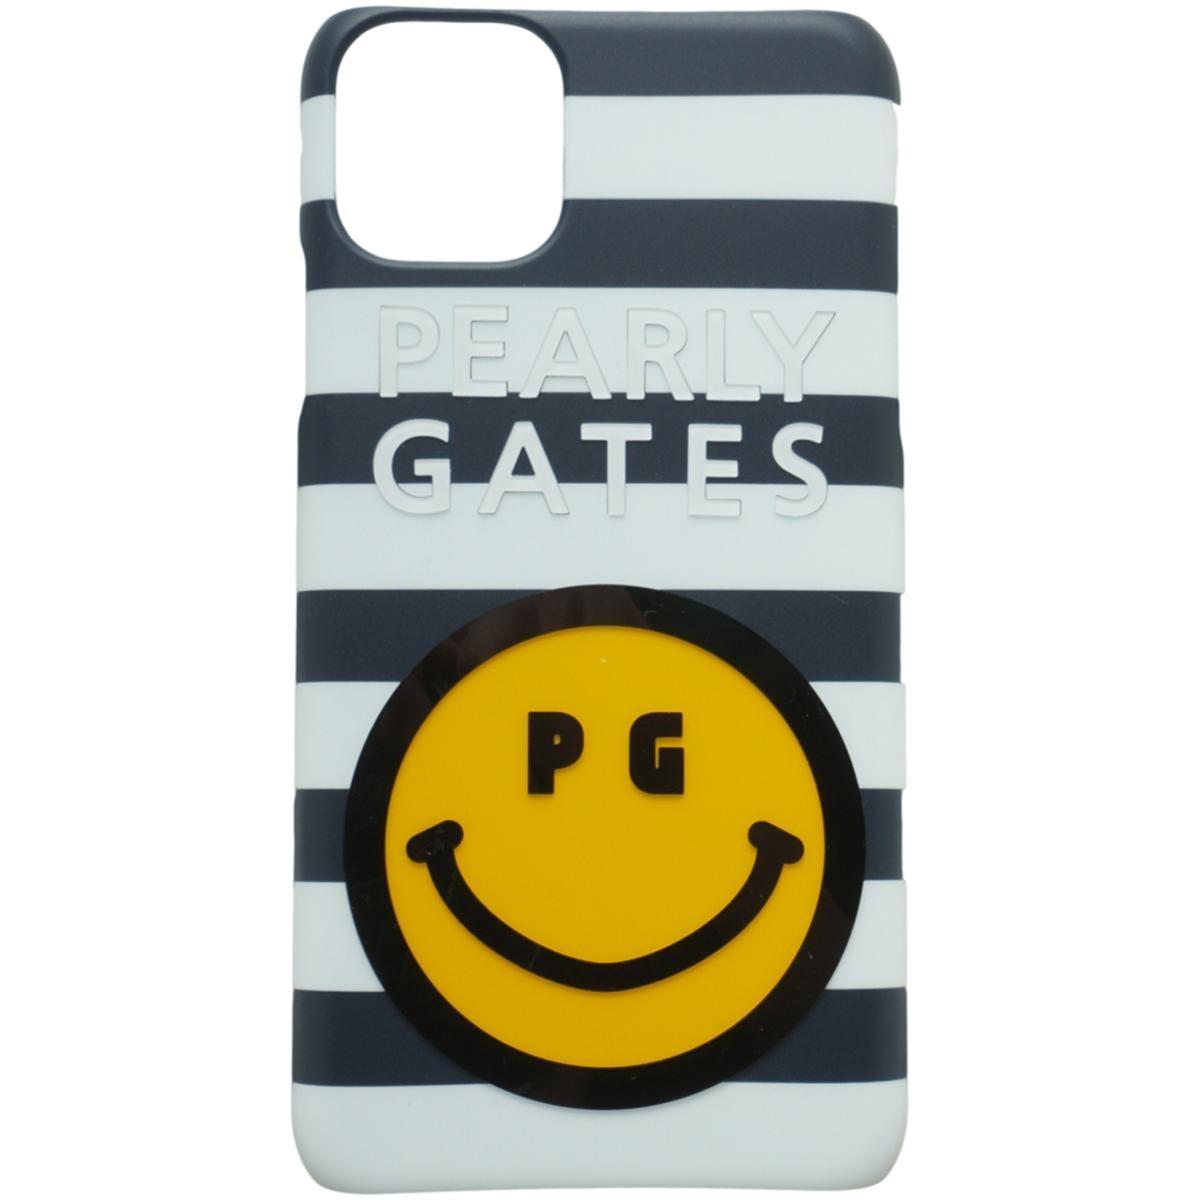 [2020年モデル] パーリーゲイツ PEARLY GATES ニコちゃん iPhone11proMax対応ケース ネイビー/ホワイト 121 ゴルフ